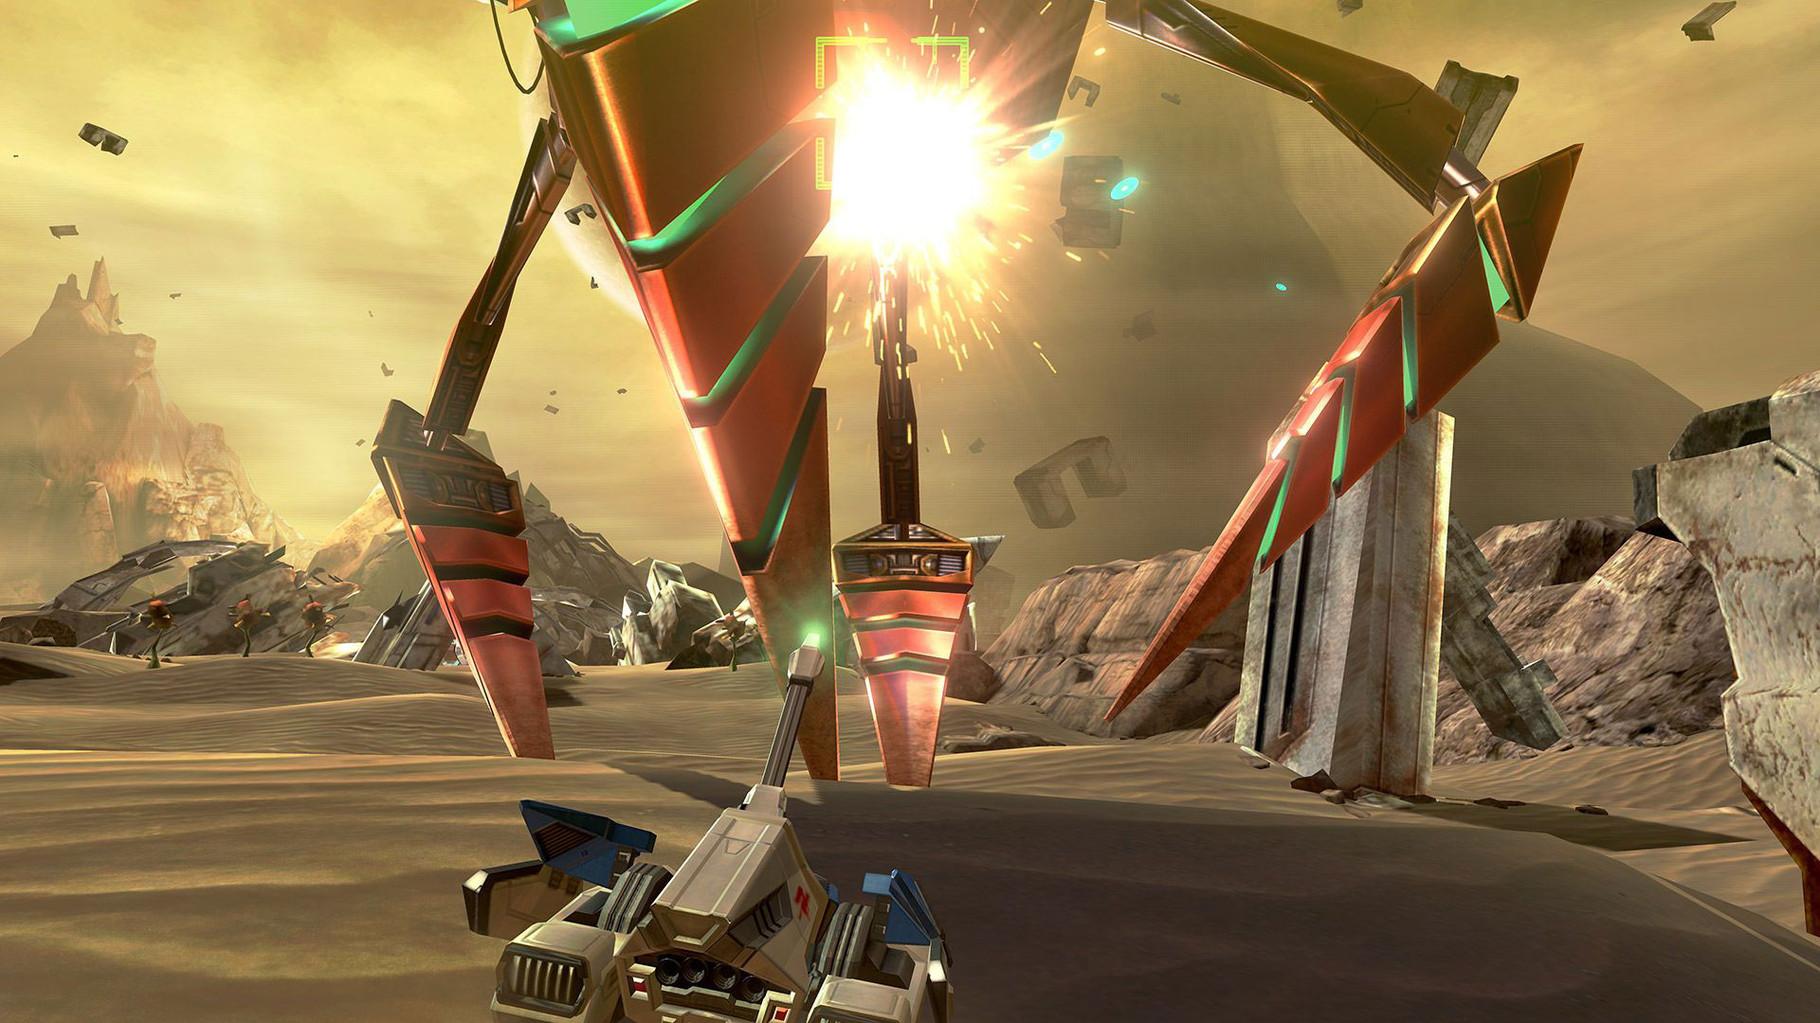 Starfox Zero: Die Neu-Interpretation des Raumschiff-Shooters verzückte mit fein gezeichneter Grafik, die mit Hilfe stilvoller Reduktion gekonnt den Stil des Super-Nintendo-Originals zitiert. Wer auf Punktejagd und gigantische Boss-Kämpfe steht, ist genau